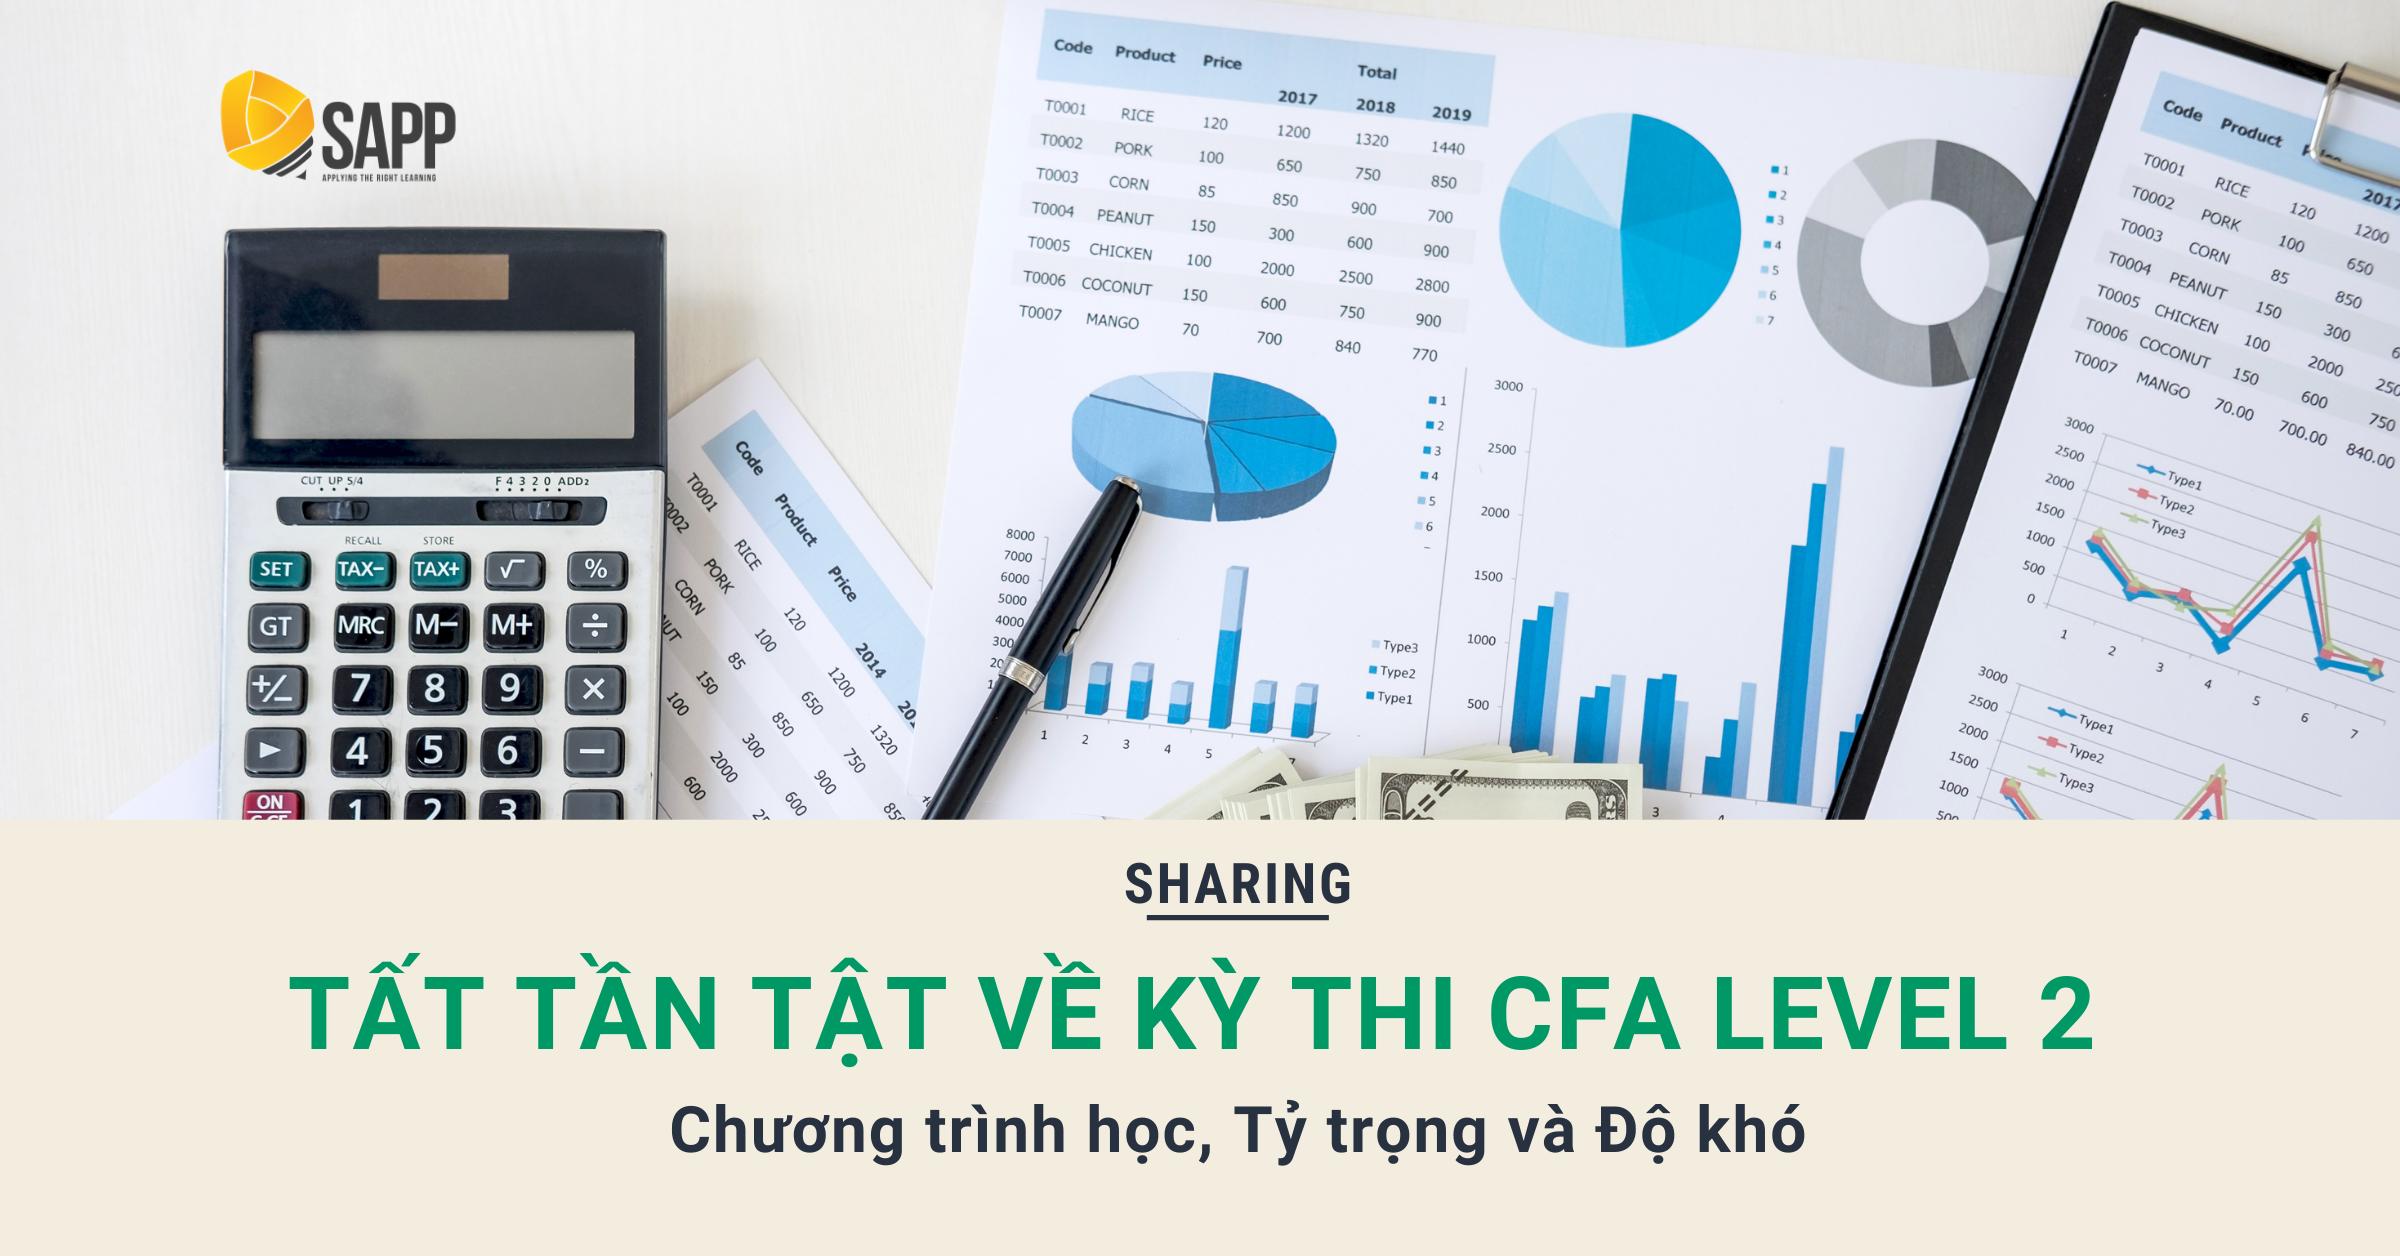 Tất Tần Tật Về Kỳ Thi CFA Level 2 - Chương Trình Học, Tỷ Trọng Và Độ Khó